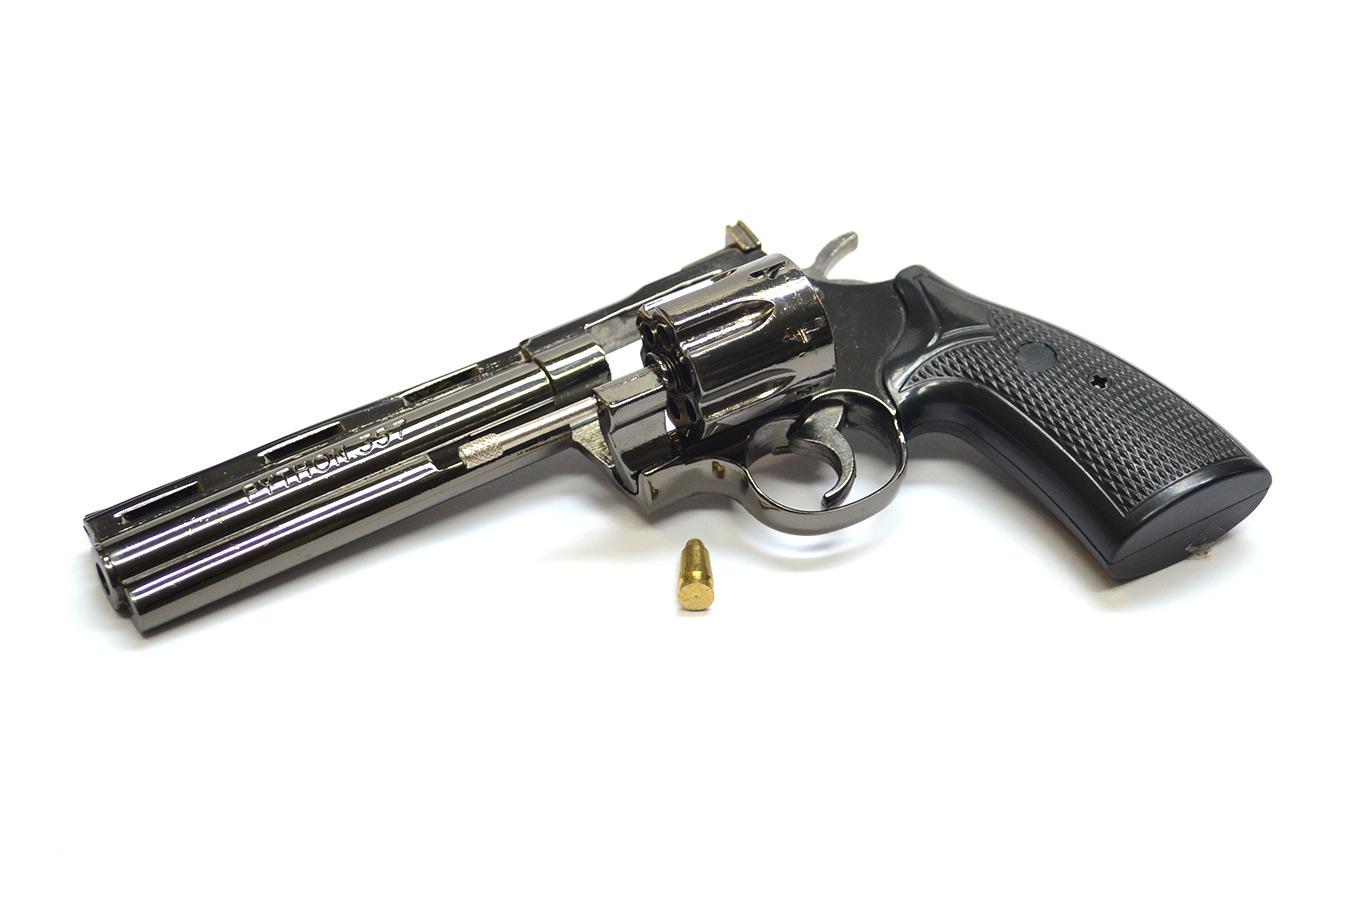 Макет револьвера Colt Python с 152 мм стволом в масштабе 1:2